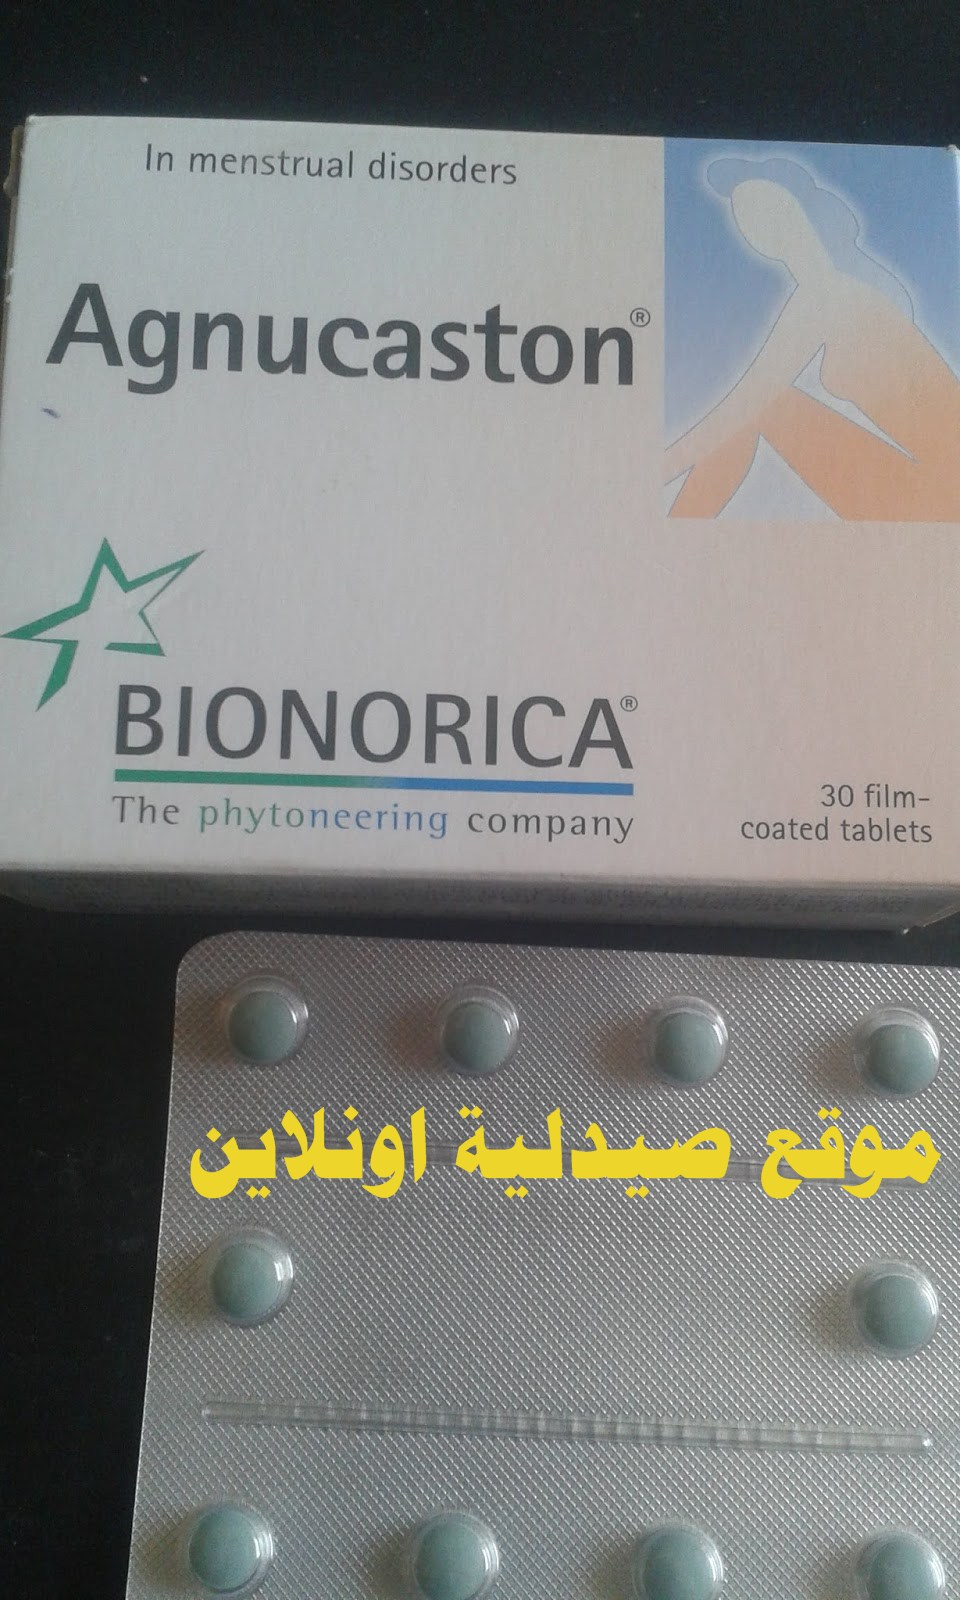 أجنوكاستون  agnucaston أقراص لعلاج اضطرابات الدورة الشهرية